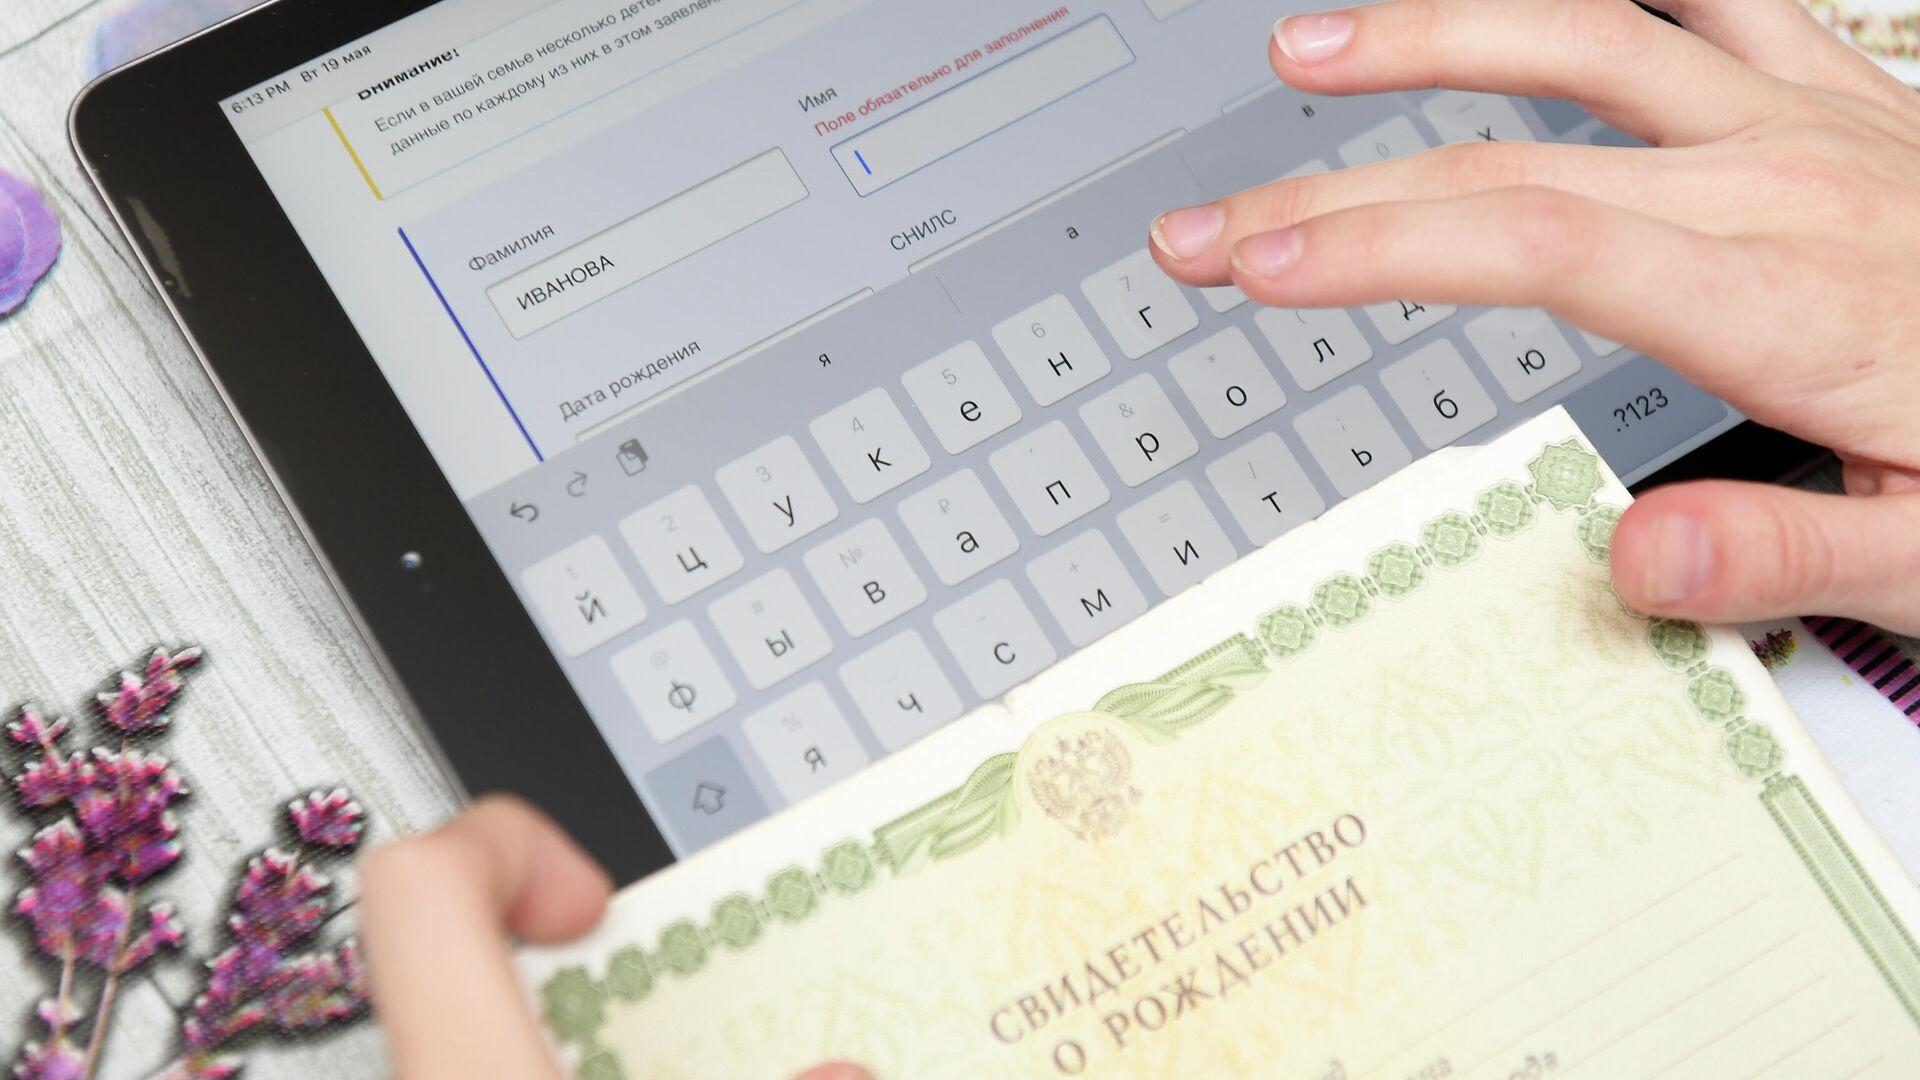 Свидетельство о рождении на фоне клавиатуры планшетного компьютера - РИА Новости, 1920, 18.11.2020